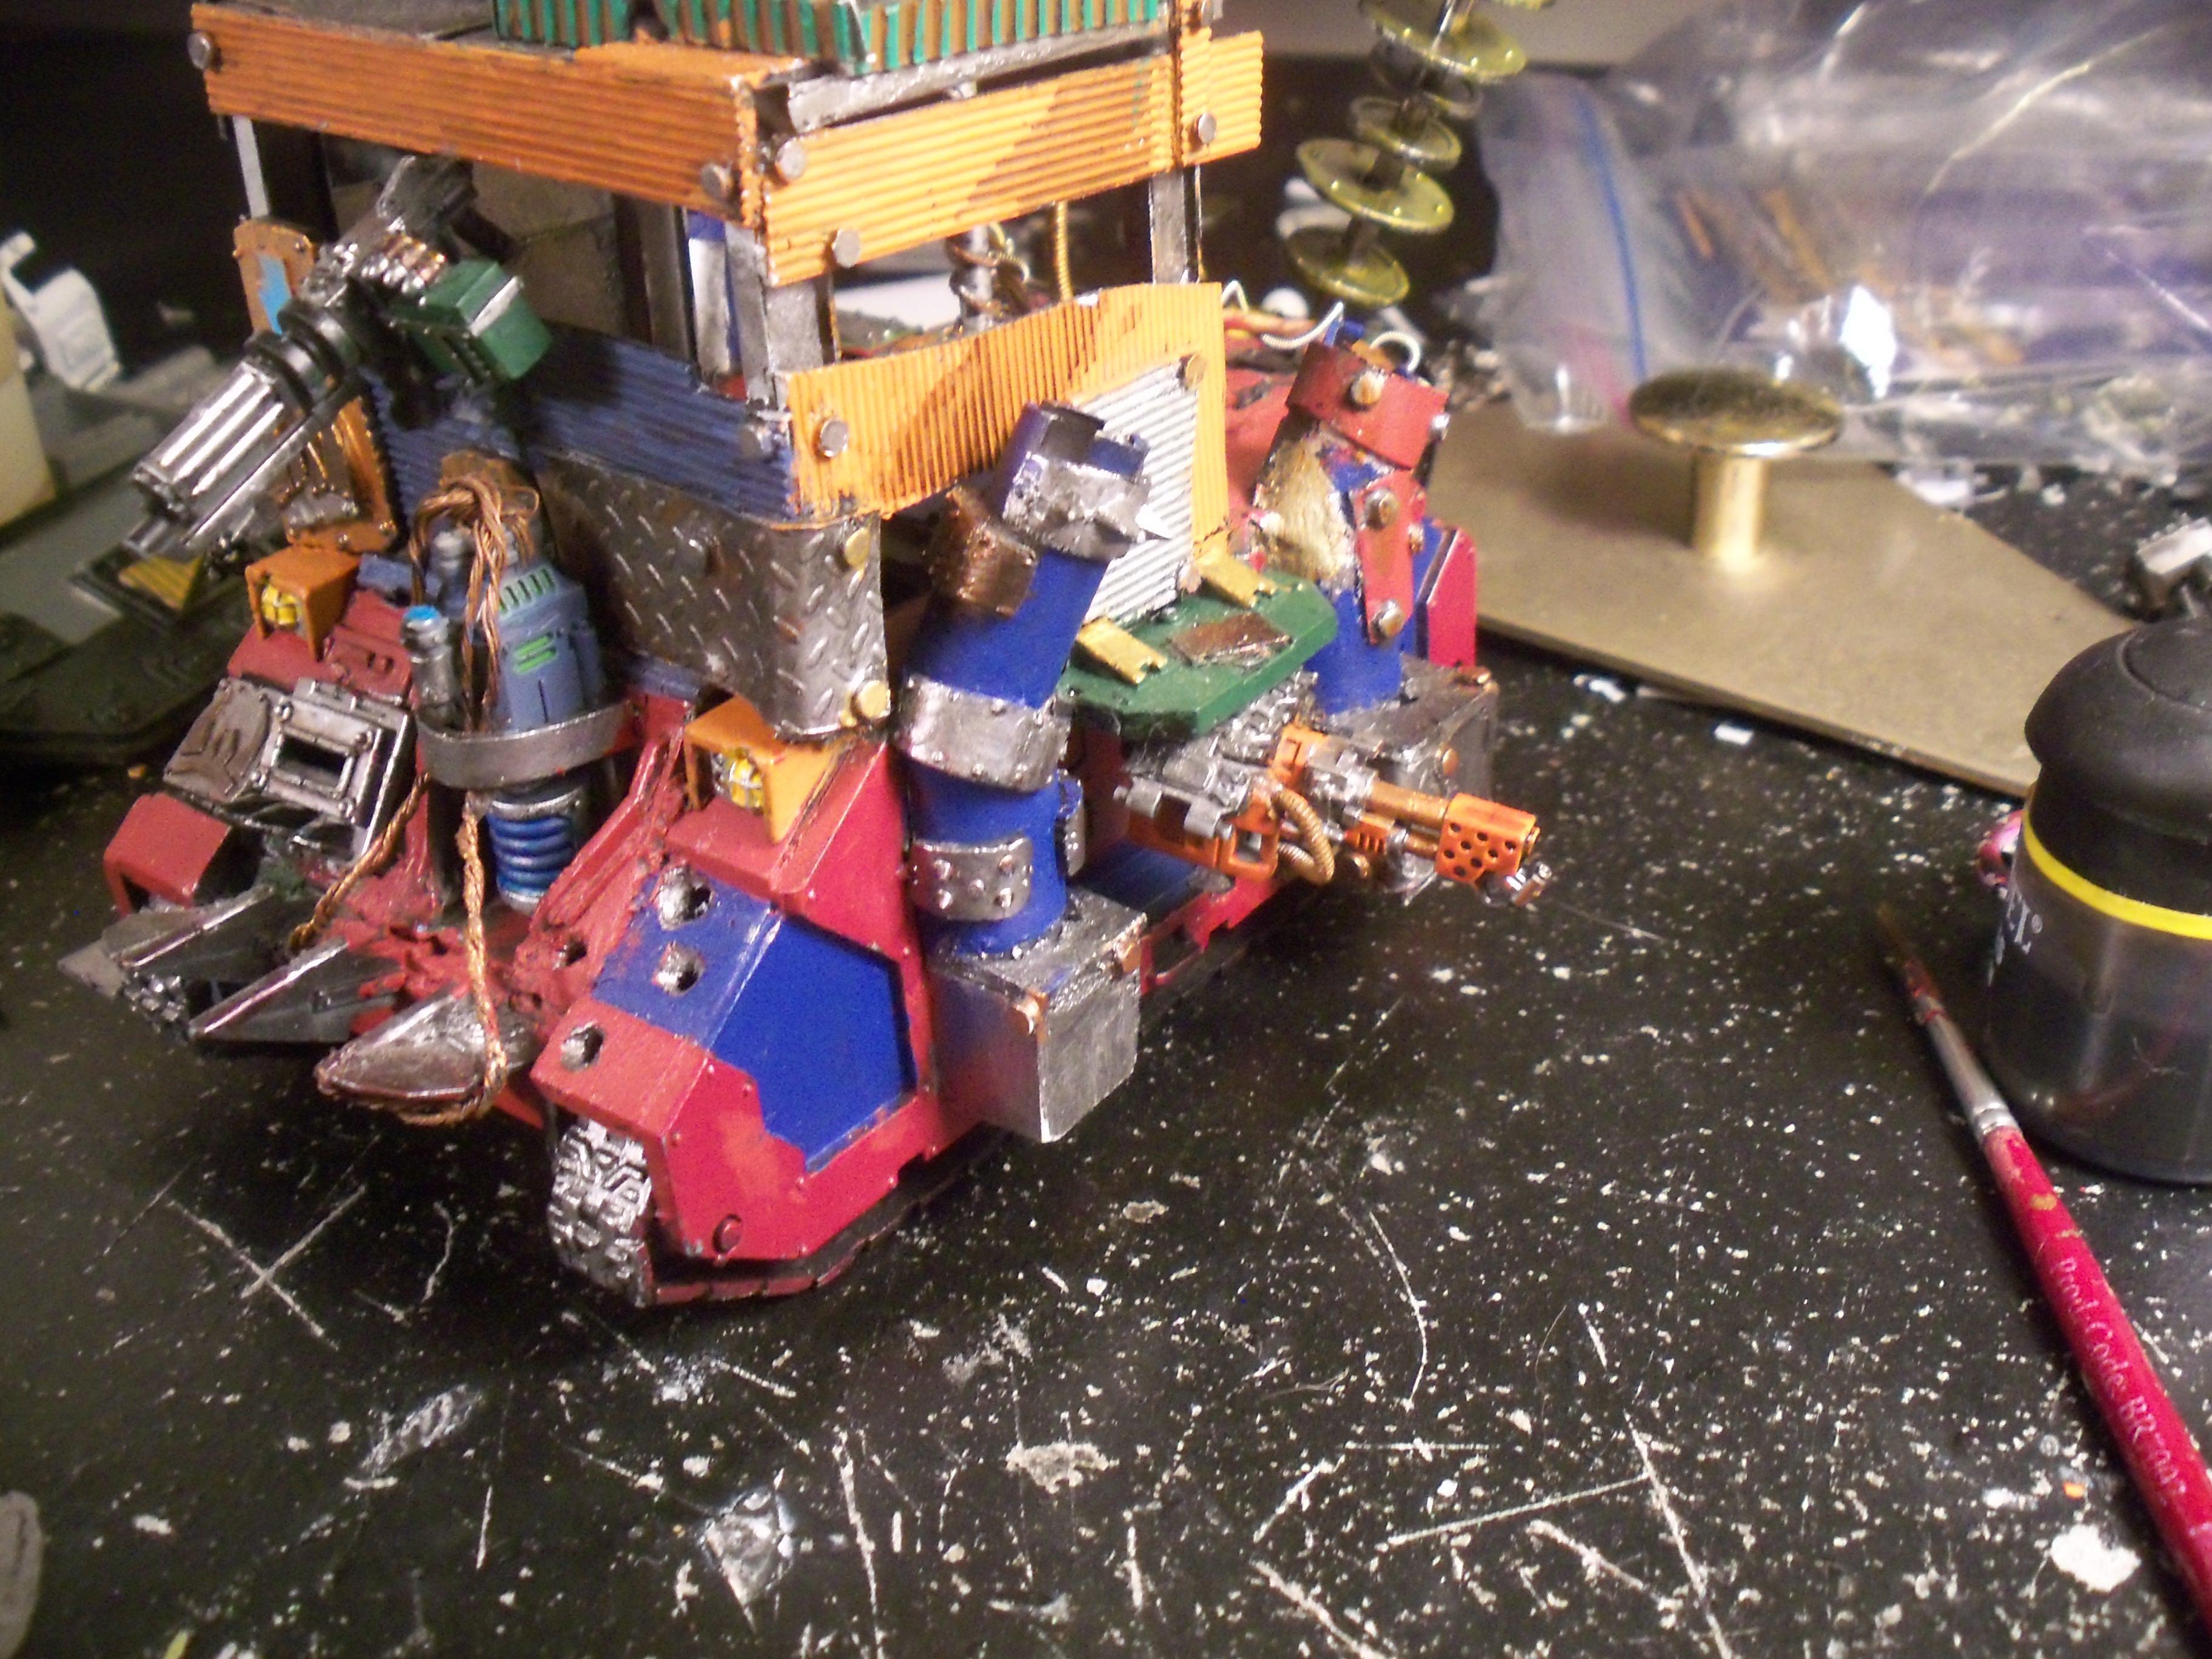 Mekboy Junka, Orks, Mekboy junk side|front